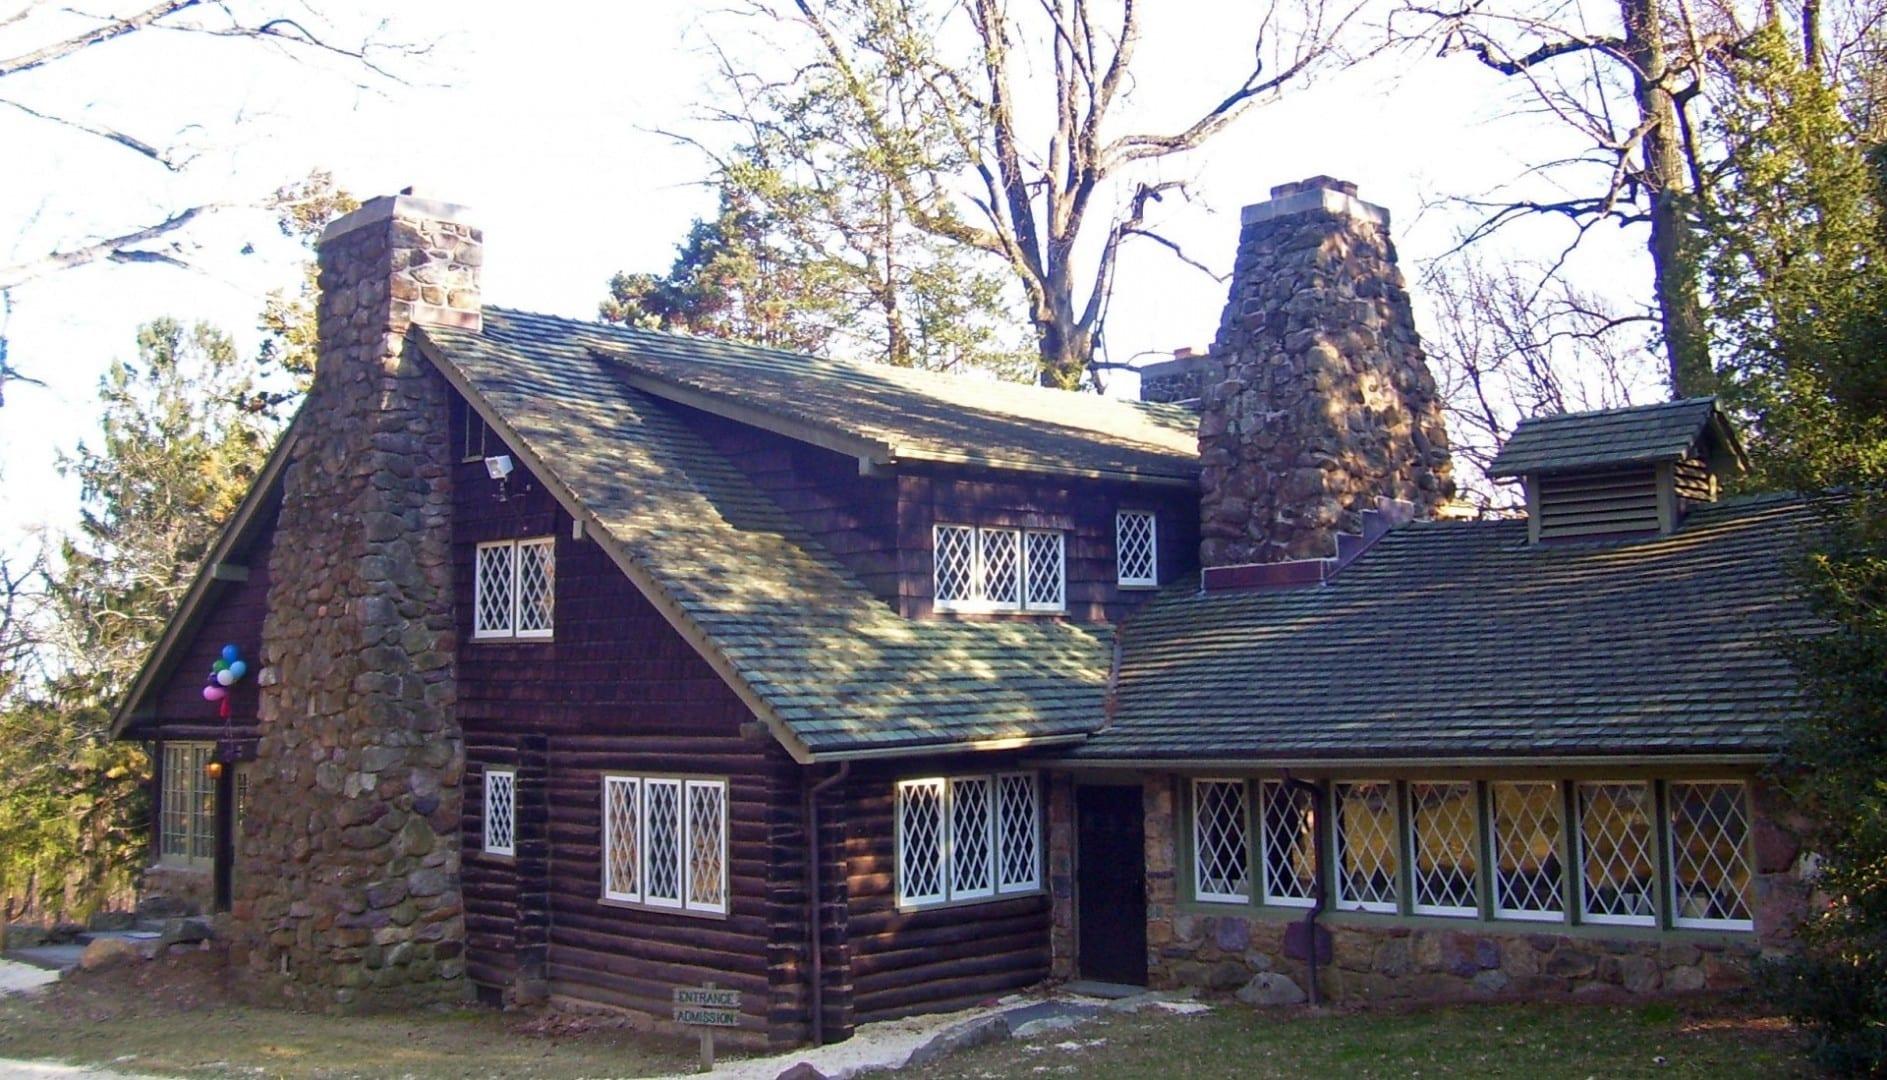 Casa principal de las Granjas Artesanales (principios del siglo XX) Parsippany NJ Estados Unidos